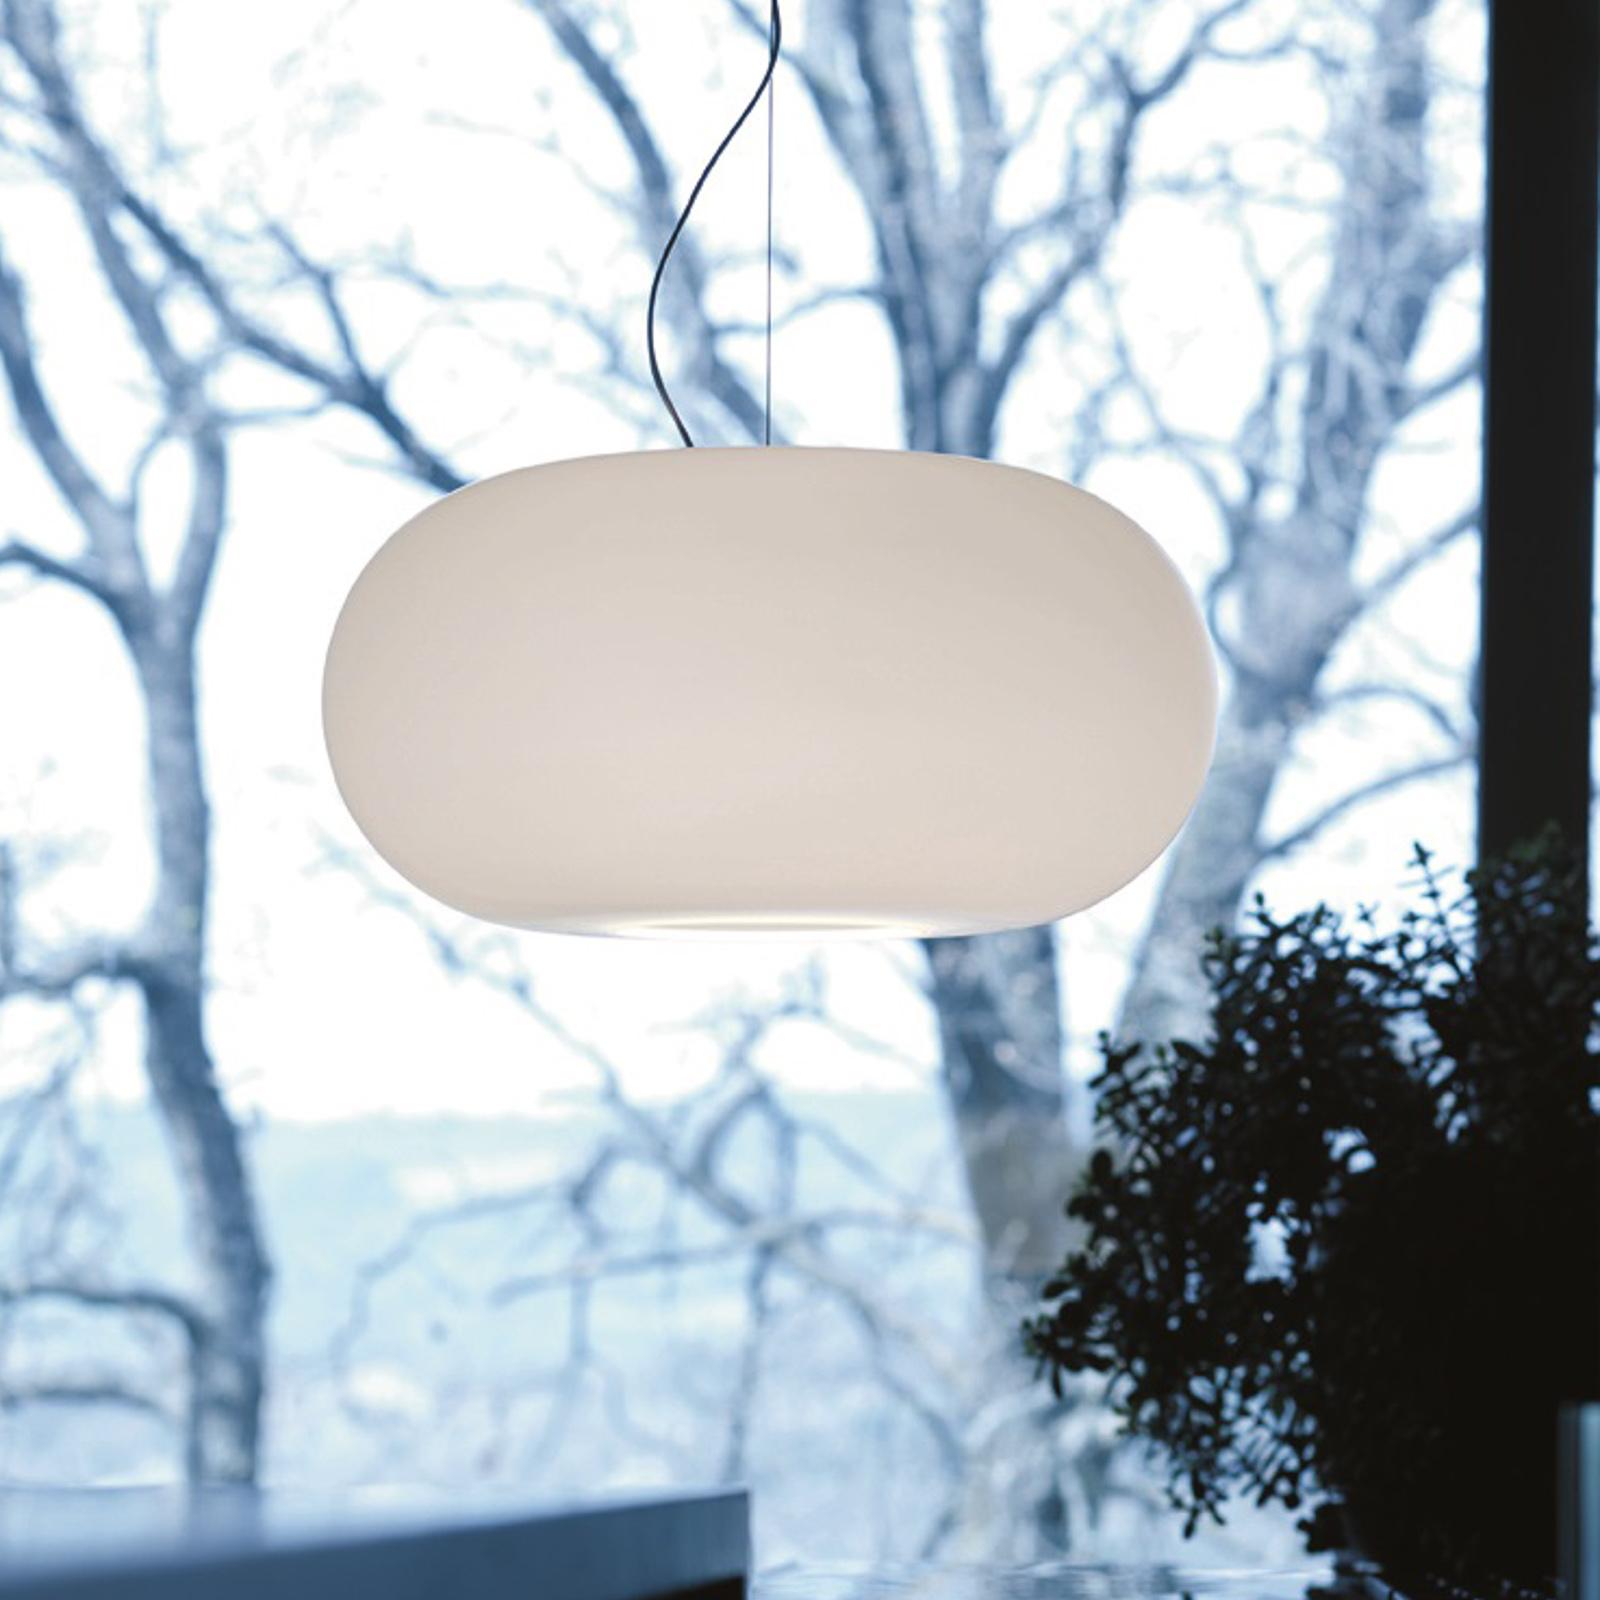 Prandina Over S5 lampa wisząca, biała, Ø 42 cm